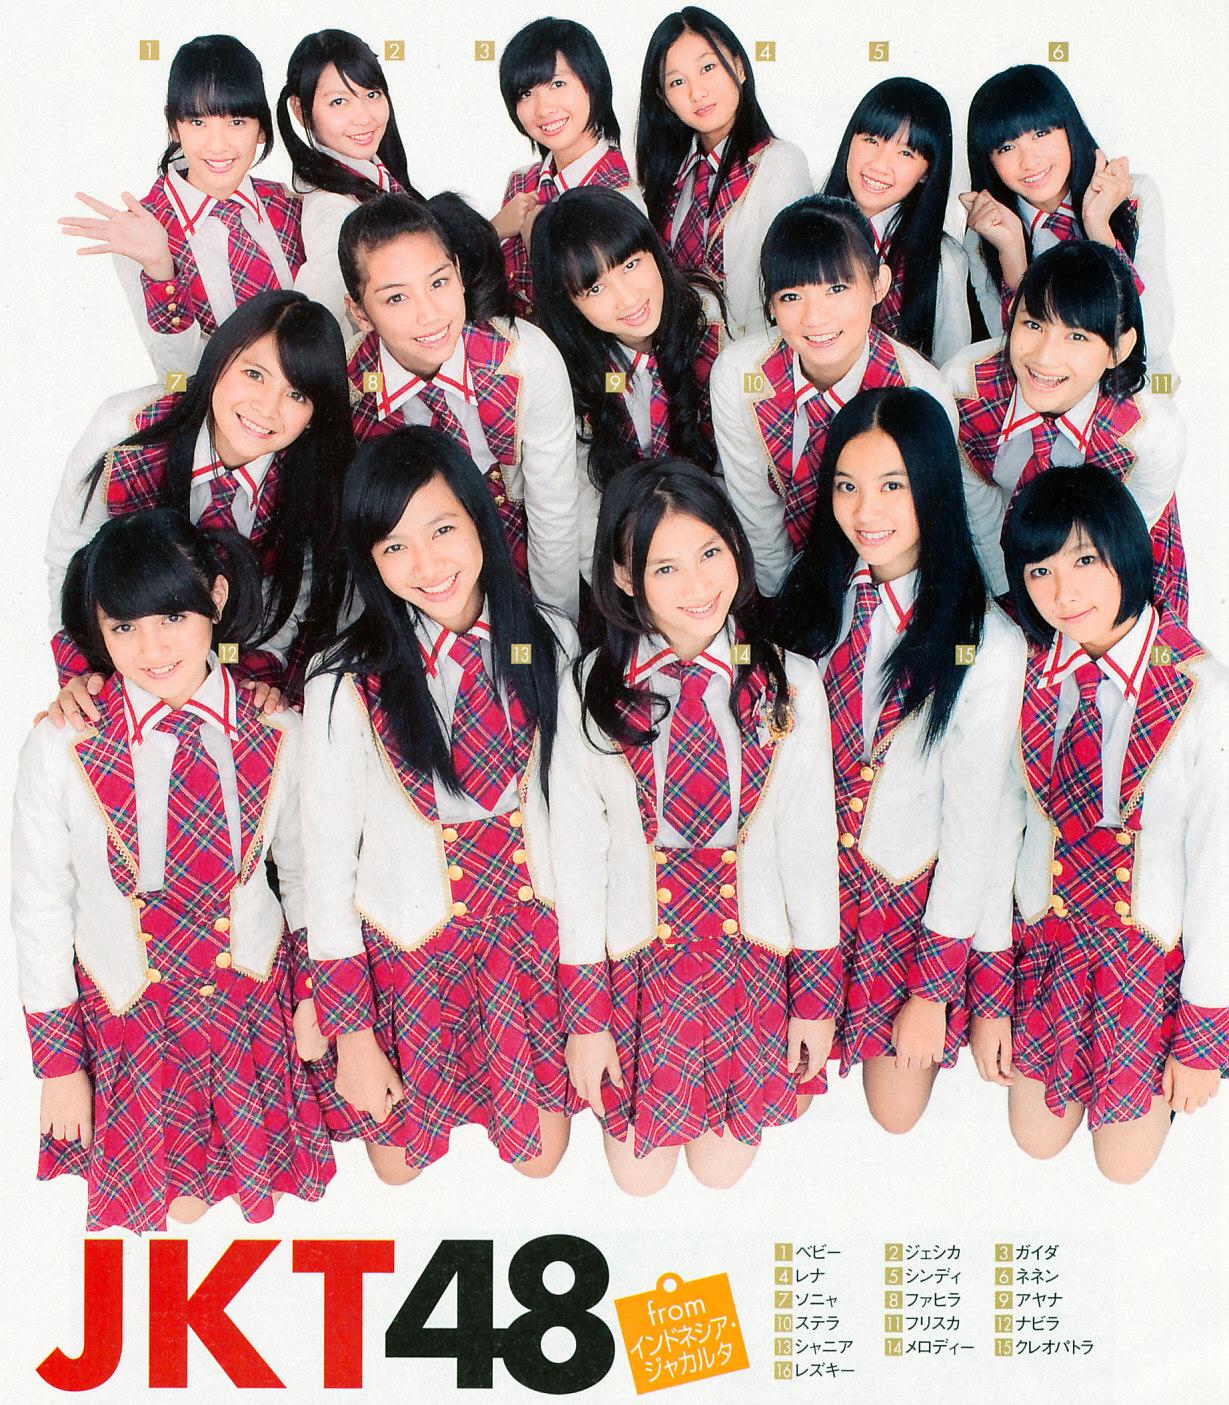 JKT48 Logo